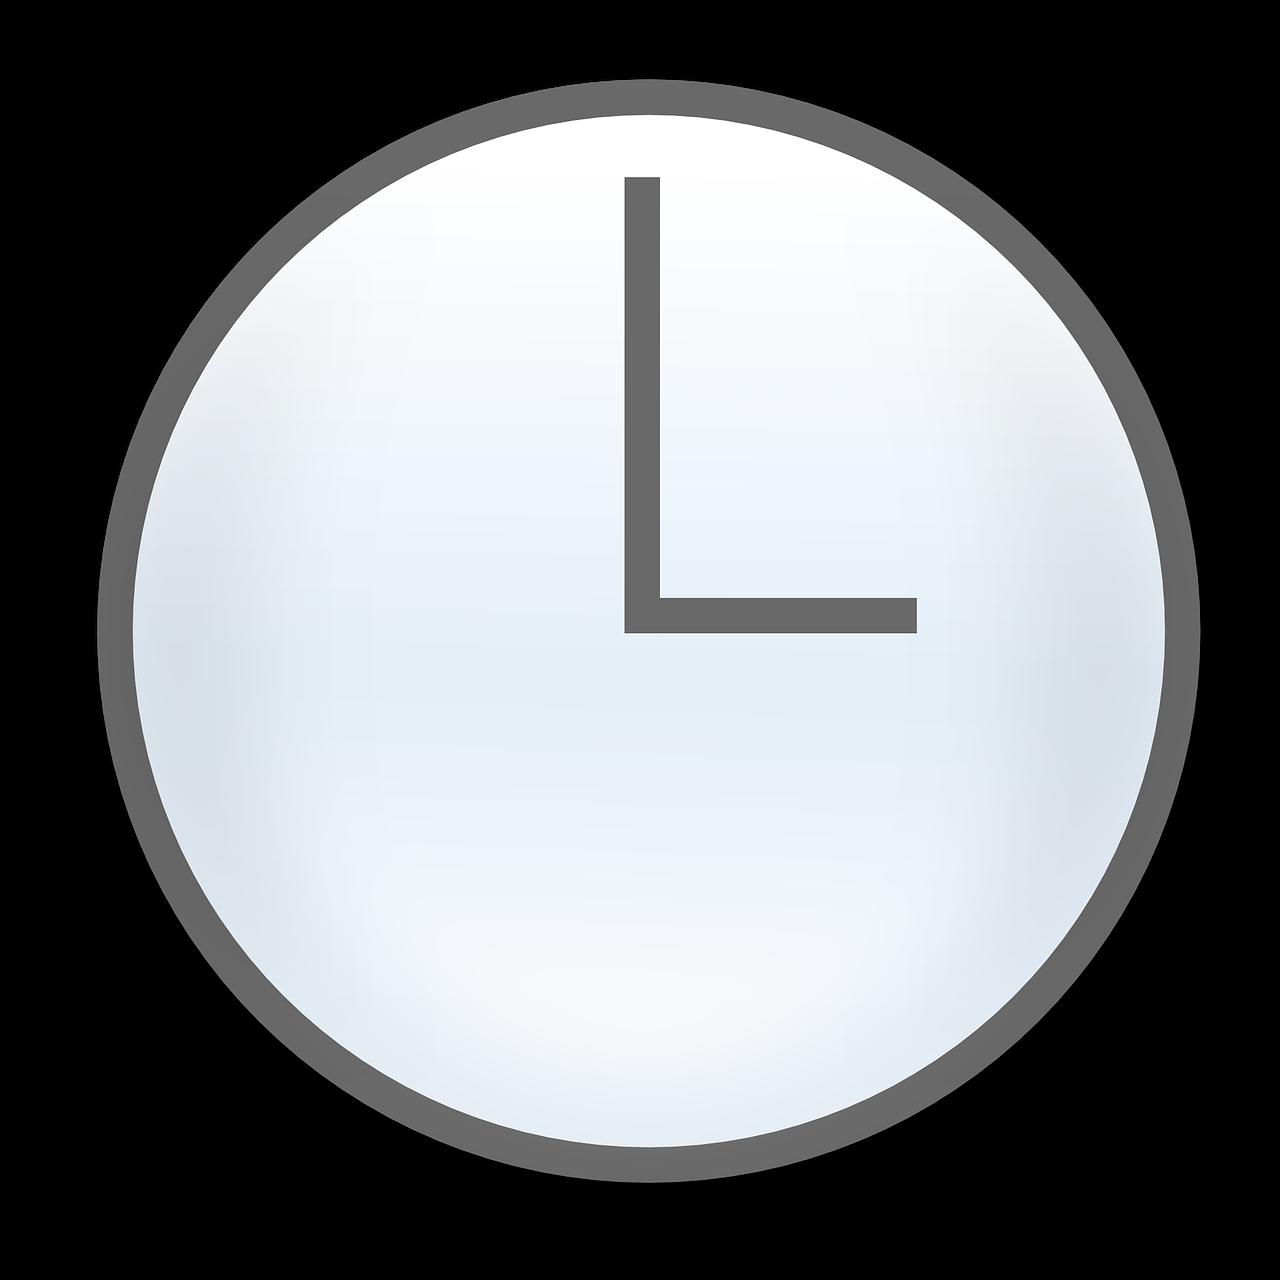 clock-41177_1280